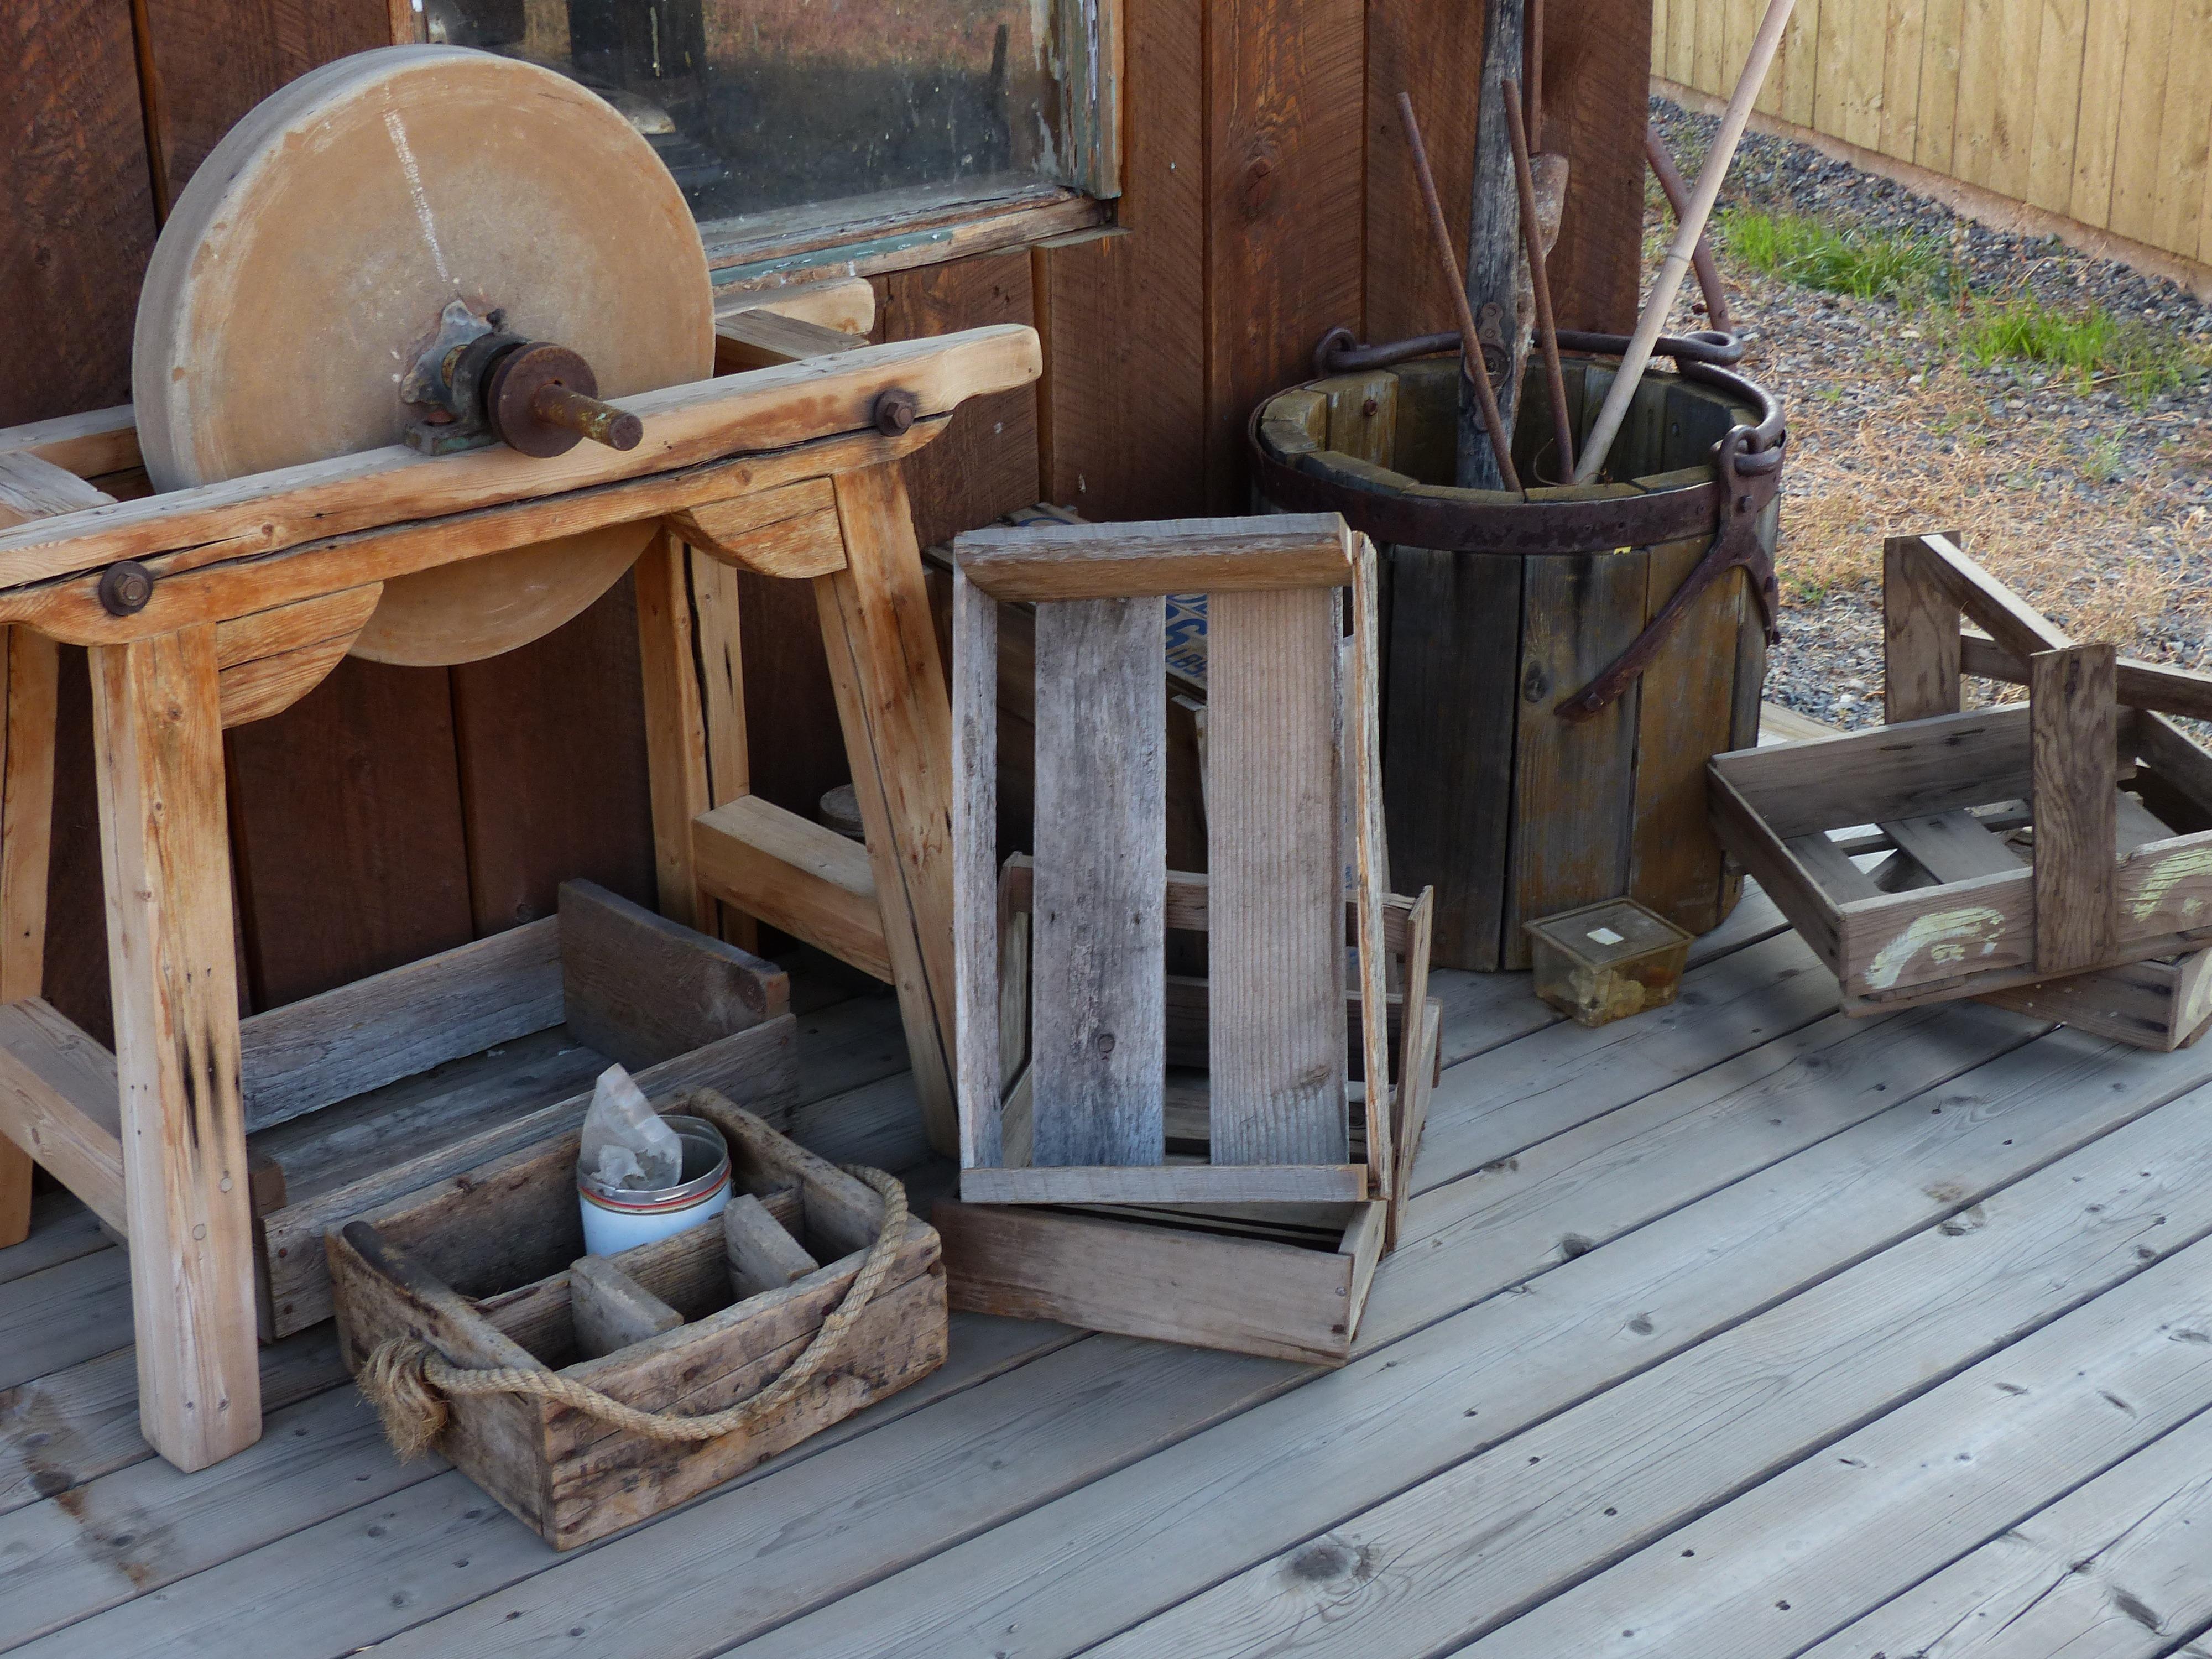 images gratuites table de plein air cru antique campagne cabanon rouille chalet mtal ancien meubles vieil immeuble btiments canada outils